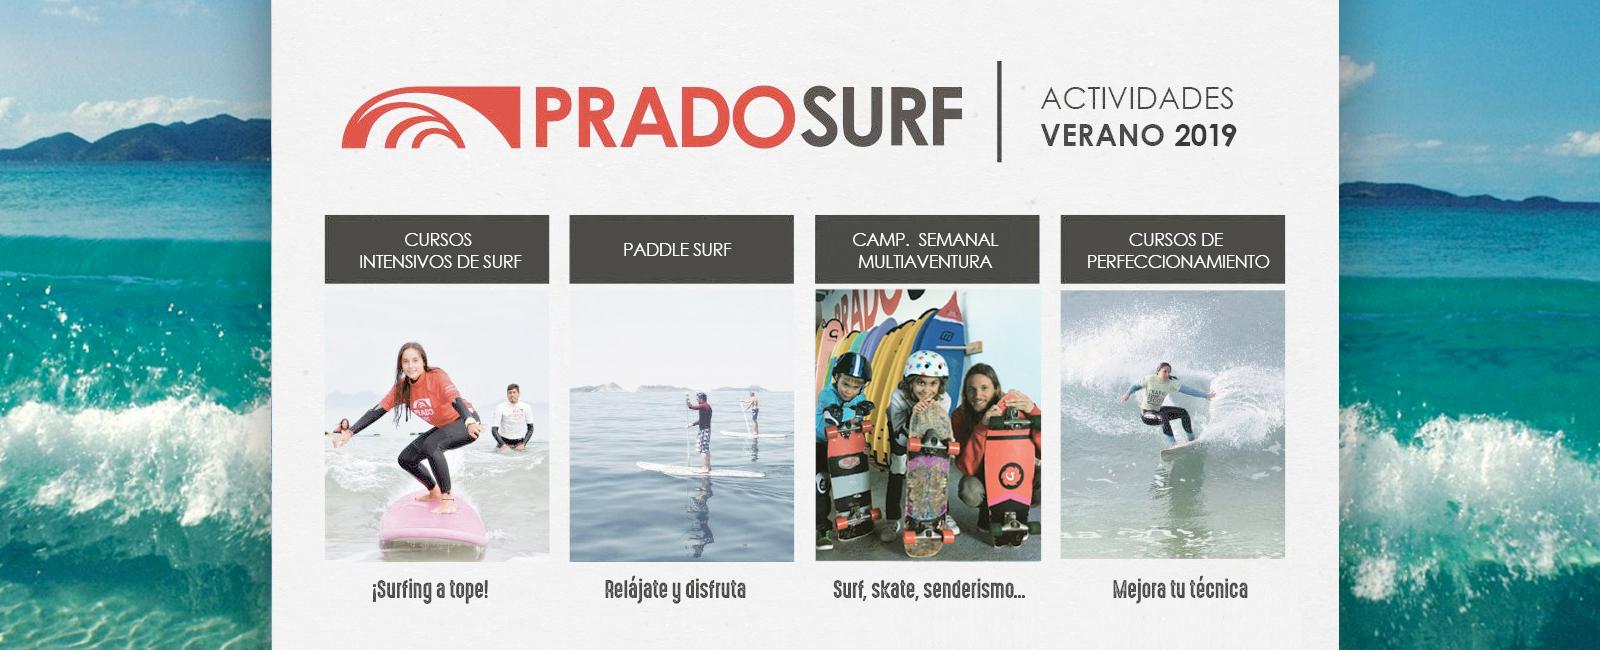 Actividades verano surf 2019